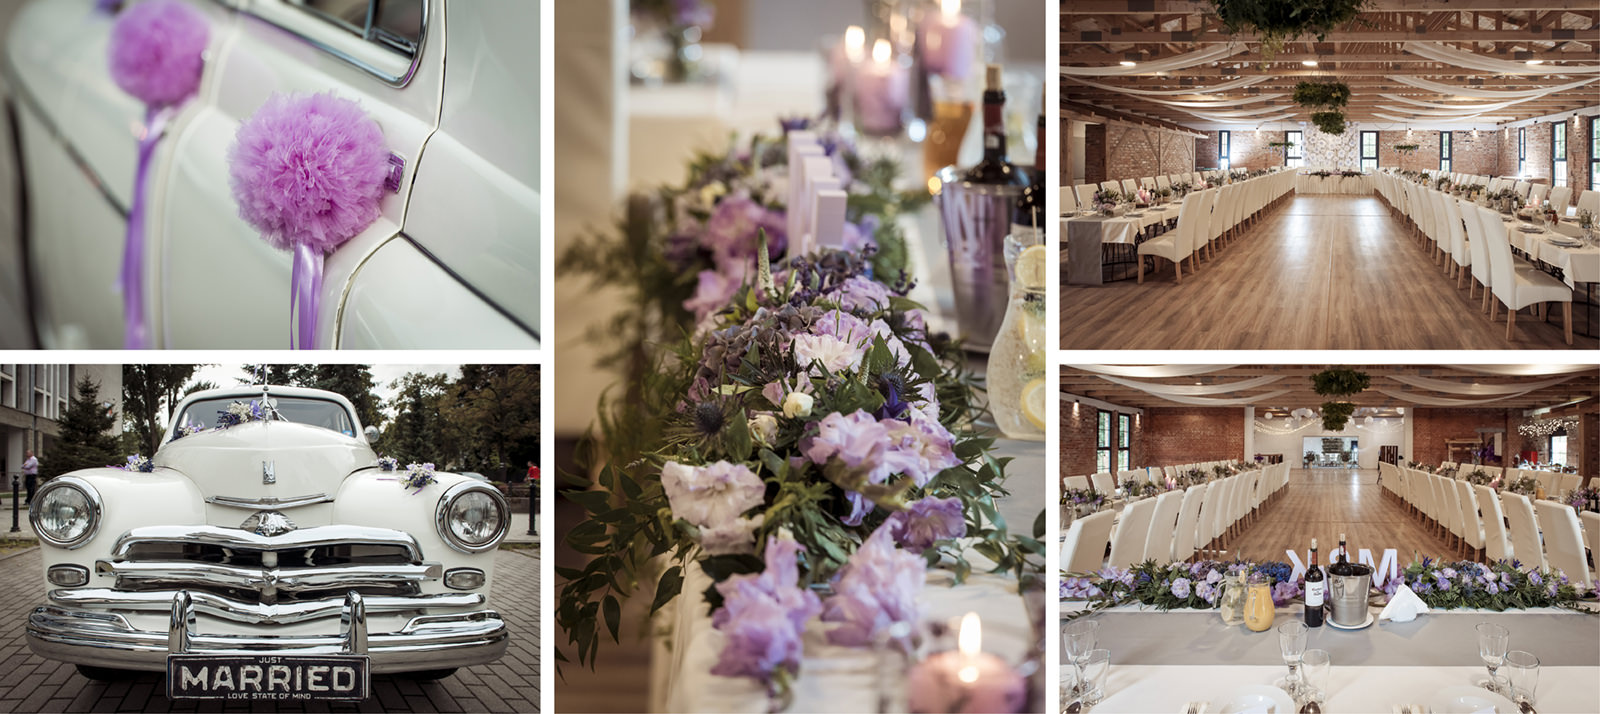 Spójna i przemyślana oprawa ślubu oraz wesela - kwiaty, samochód, kolorystyka i wybór sali - sprawiają, że fotografie z waszego ślubu zyskują zupełnie inny, głębszy wymiar